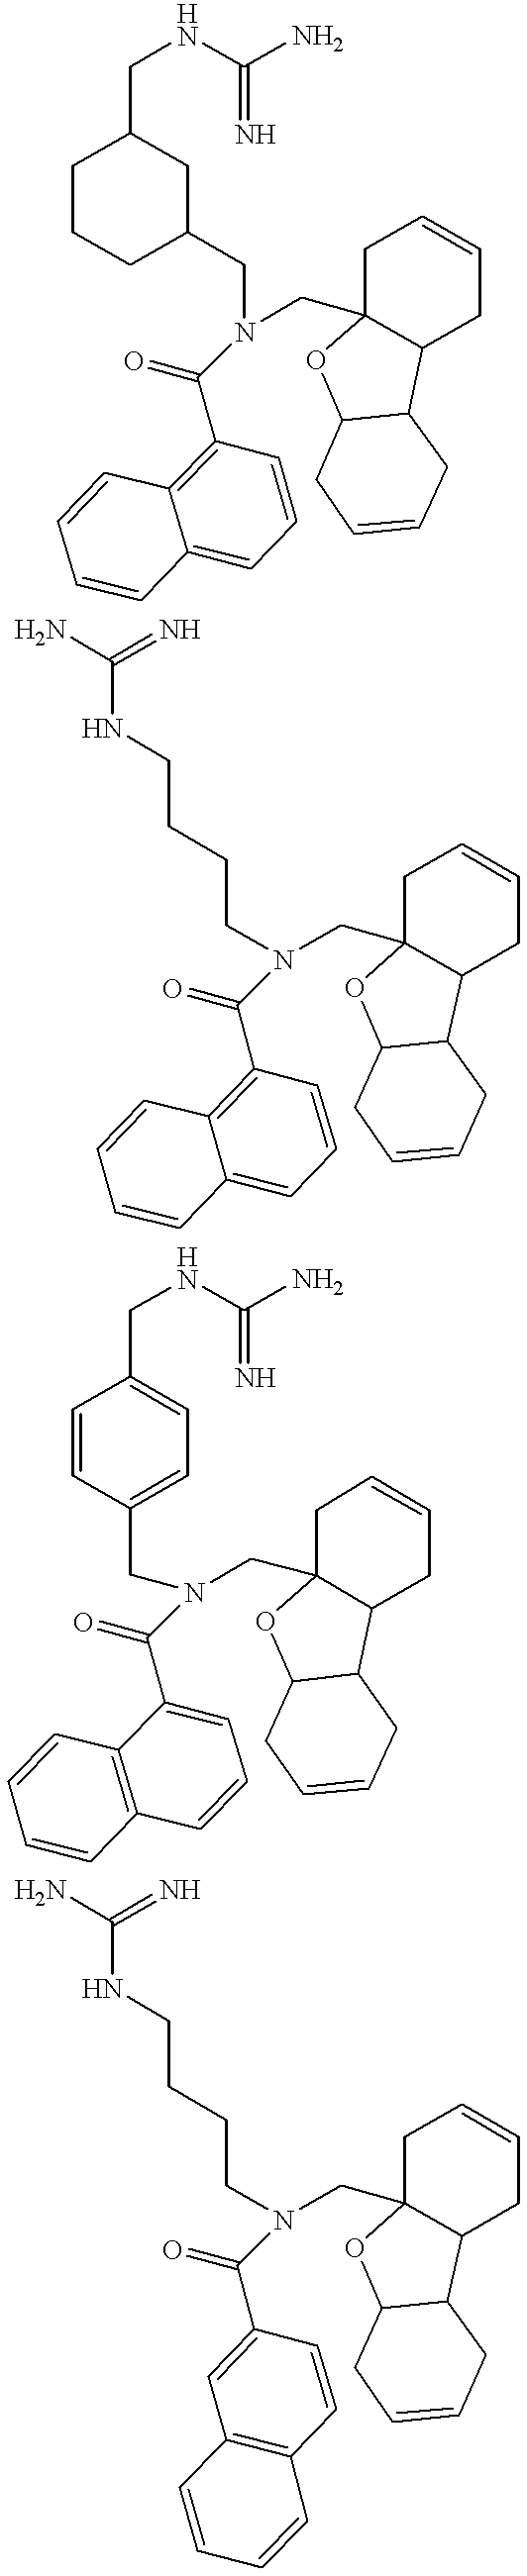 Figure US06218426-20010417-C00256